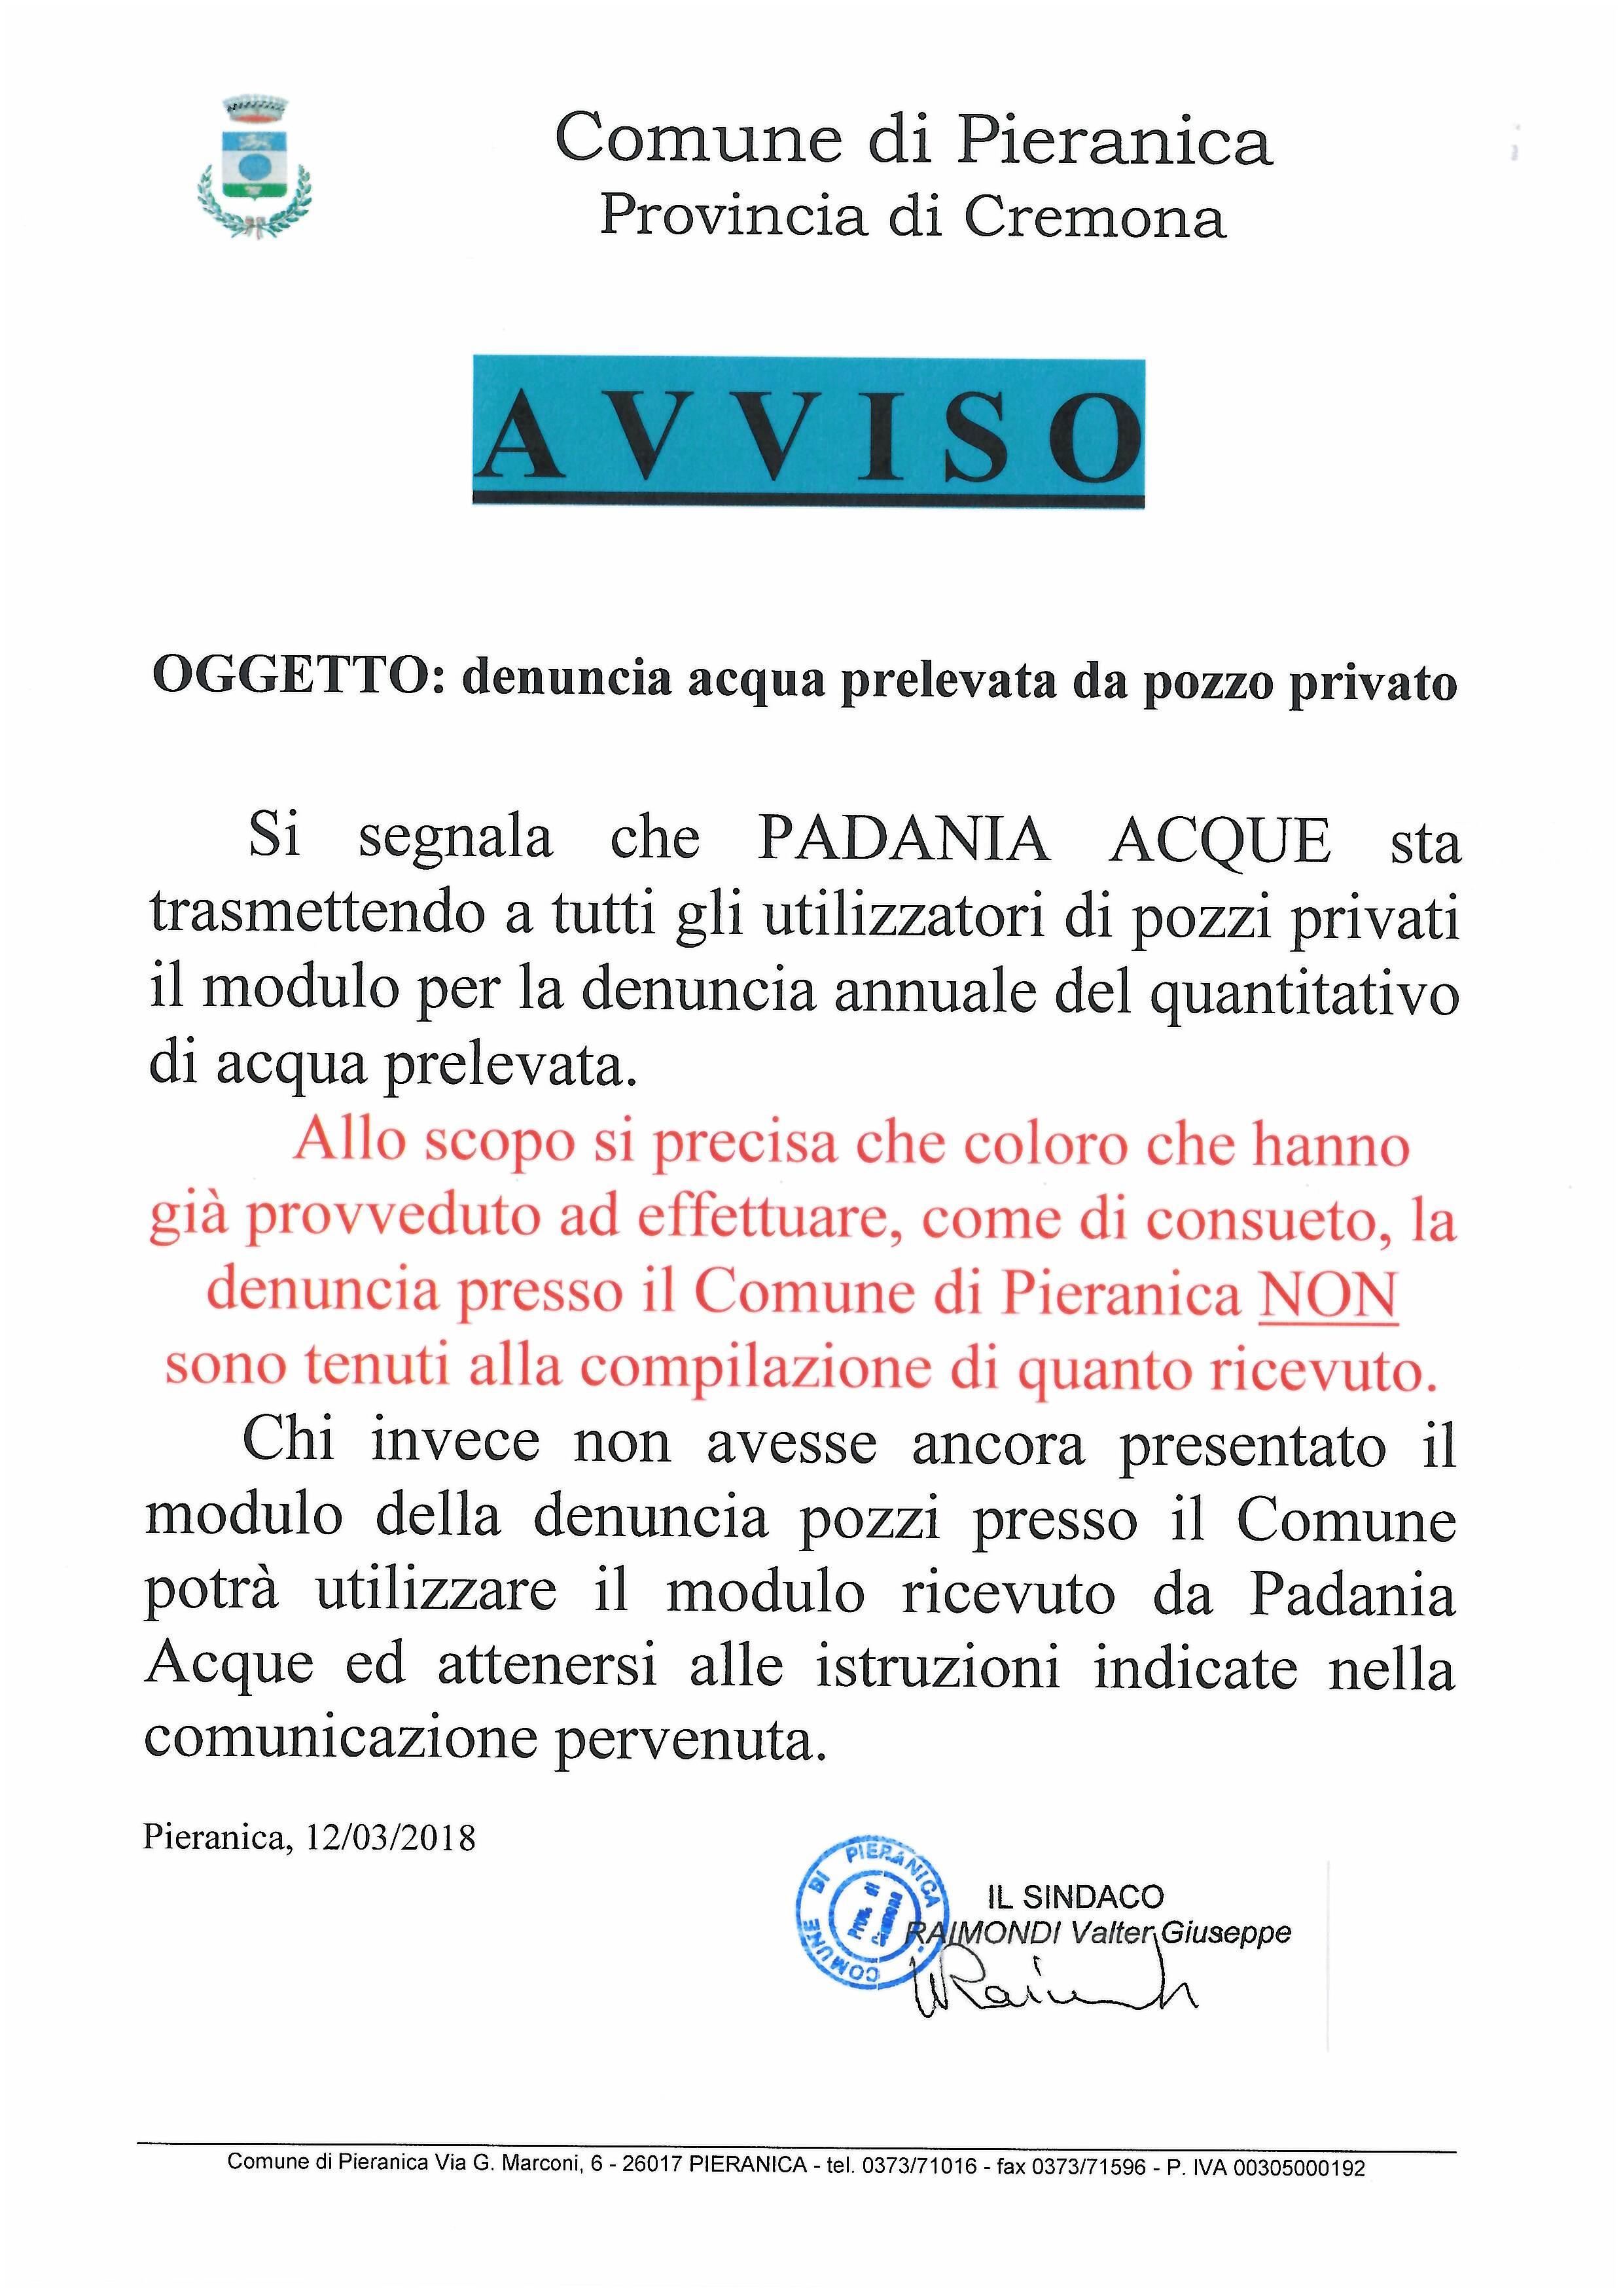 Comune di pieranica for Denuncia redditi 2017 scadenza